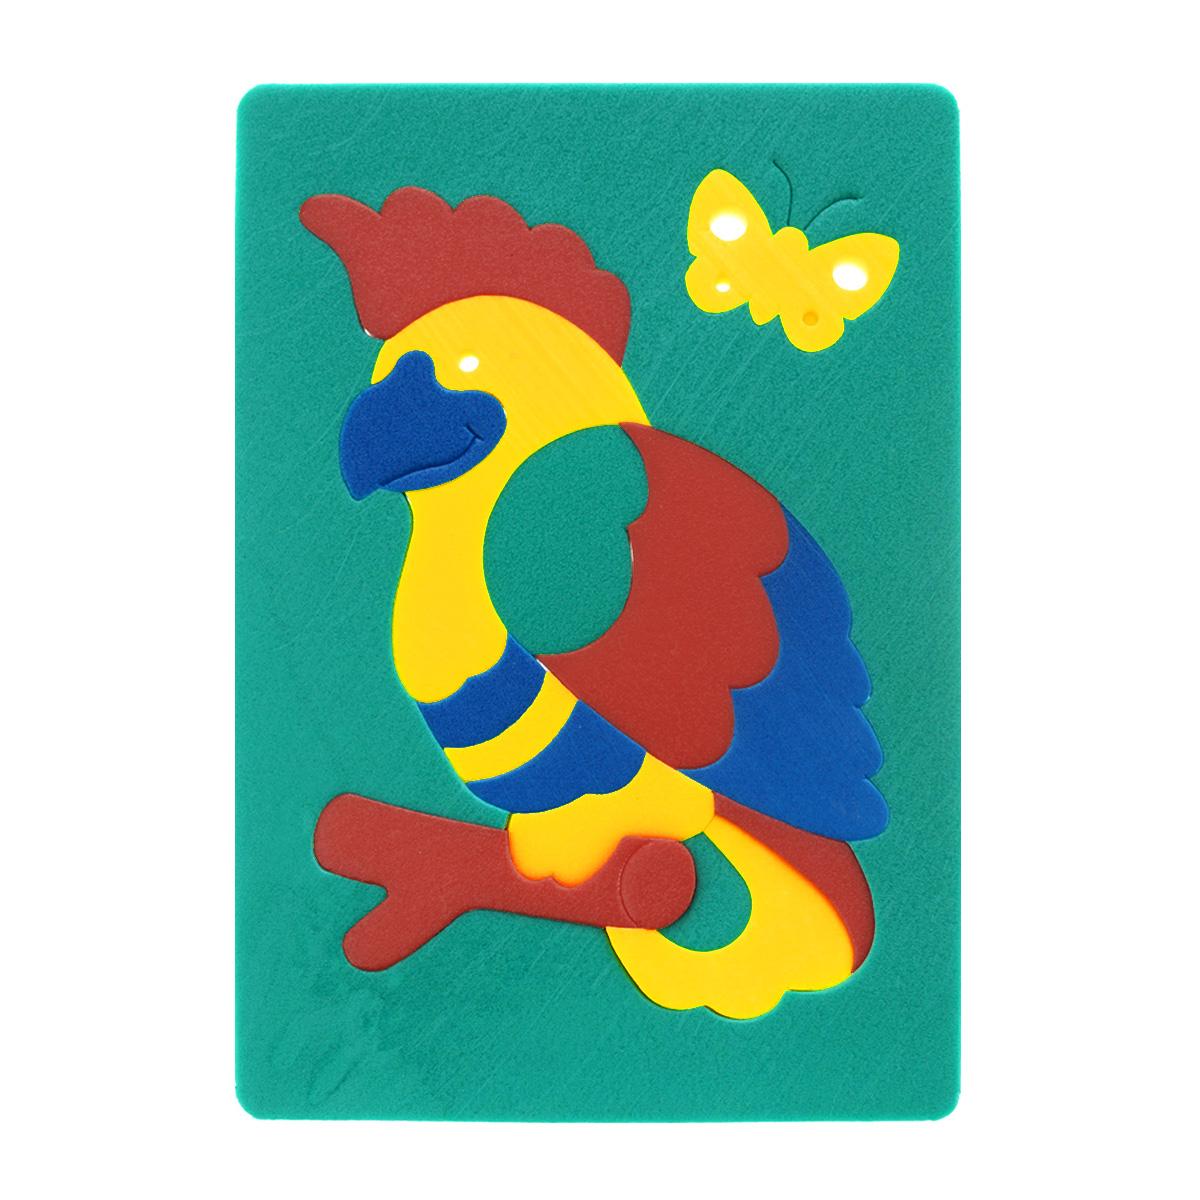 Мягкая мозаика Флексика Попугай, цвет: зеленый45541Мозаика Попугай состоит из разноцветных элементов, которые в собранном виде составляют изображение симпатичного попугая на жердочке. Мозаика выполнена из современного, легкого, эластичного, прочного материала, который обеспечивает большую долговечность и является абсолютно безопасным для детей.Благодаря особой структуре материала и свойству прилипать к мокрой поверхности, мозаика является идеальной игрушкой для ванны и сделает процесс купания приятной забавой для ребенка. Мягкая мозаика развивает у ребенка память, воображение, моторику, пространственное и логическое мышление. Обучение происходит прямо во время игры! УВАЖАЕМЫЕ КЛИЕНТЫ! Обращаем ваше внимание на возможные изменения в дизайне, связанные с ассортиментом продукции: цвет изделия или отдельных деталей может отличаться от представленного на изображении. Поставка осуществляется в зависимости от наличия на складе.